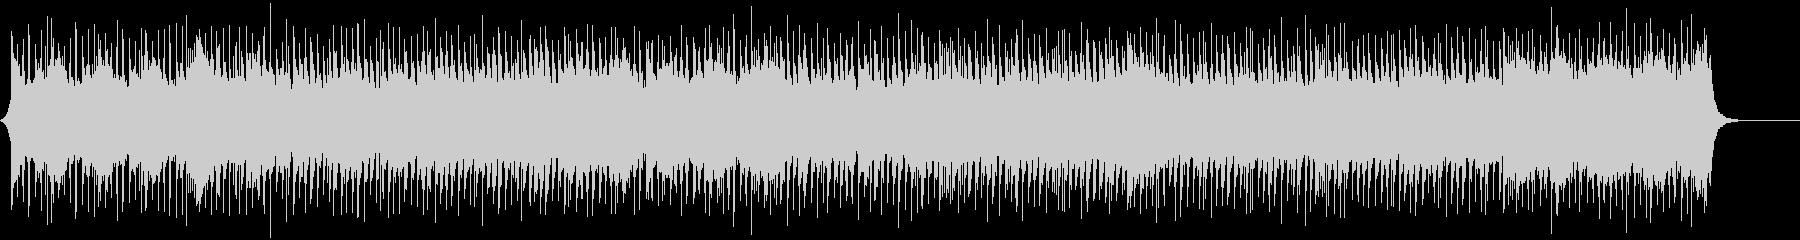 ギターメロのファンファーレBGMの未再生の波形